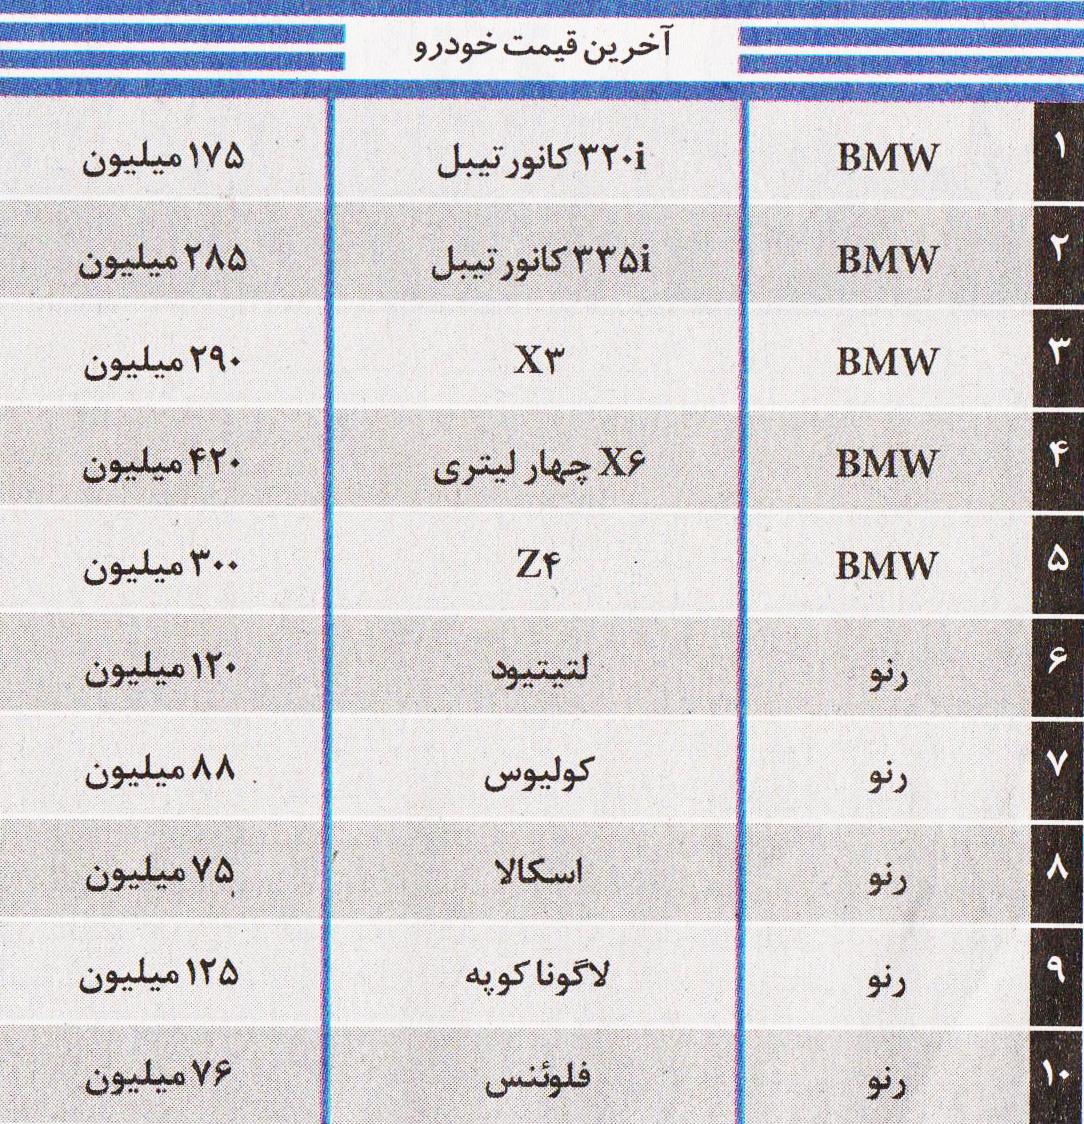 قیمت ماشین وارداتی